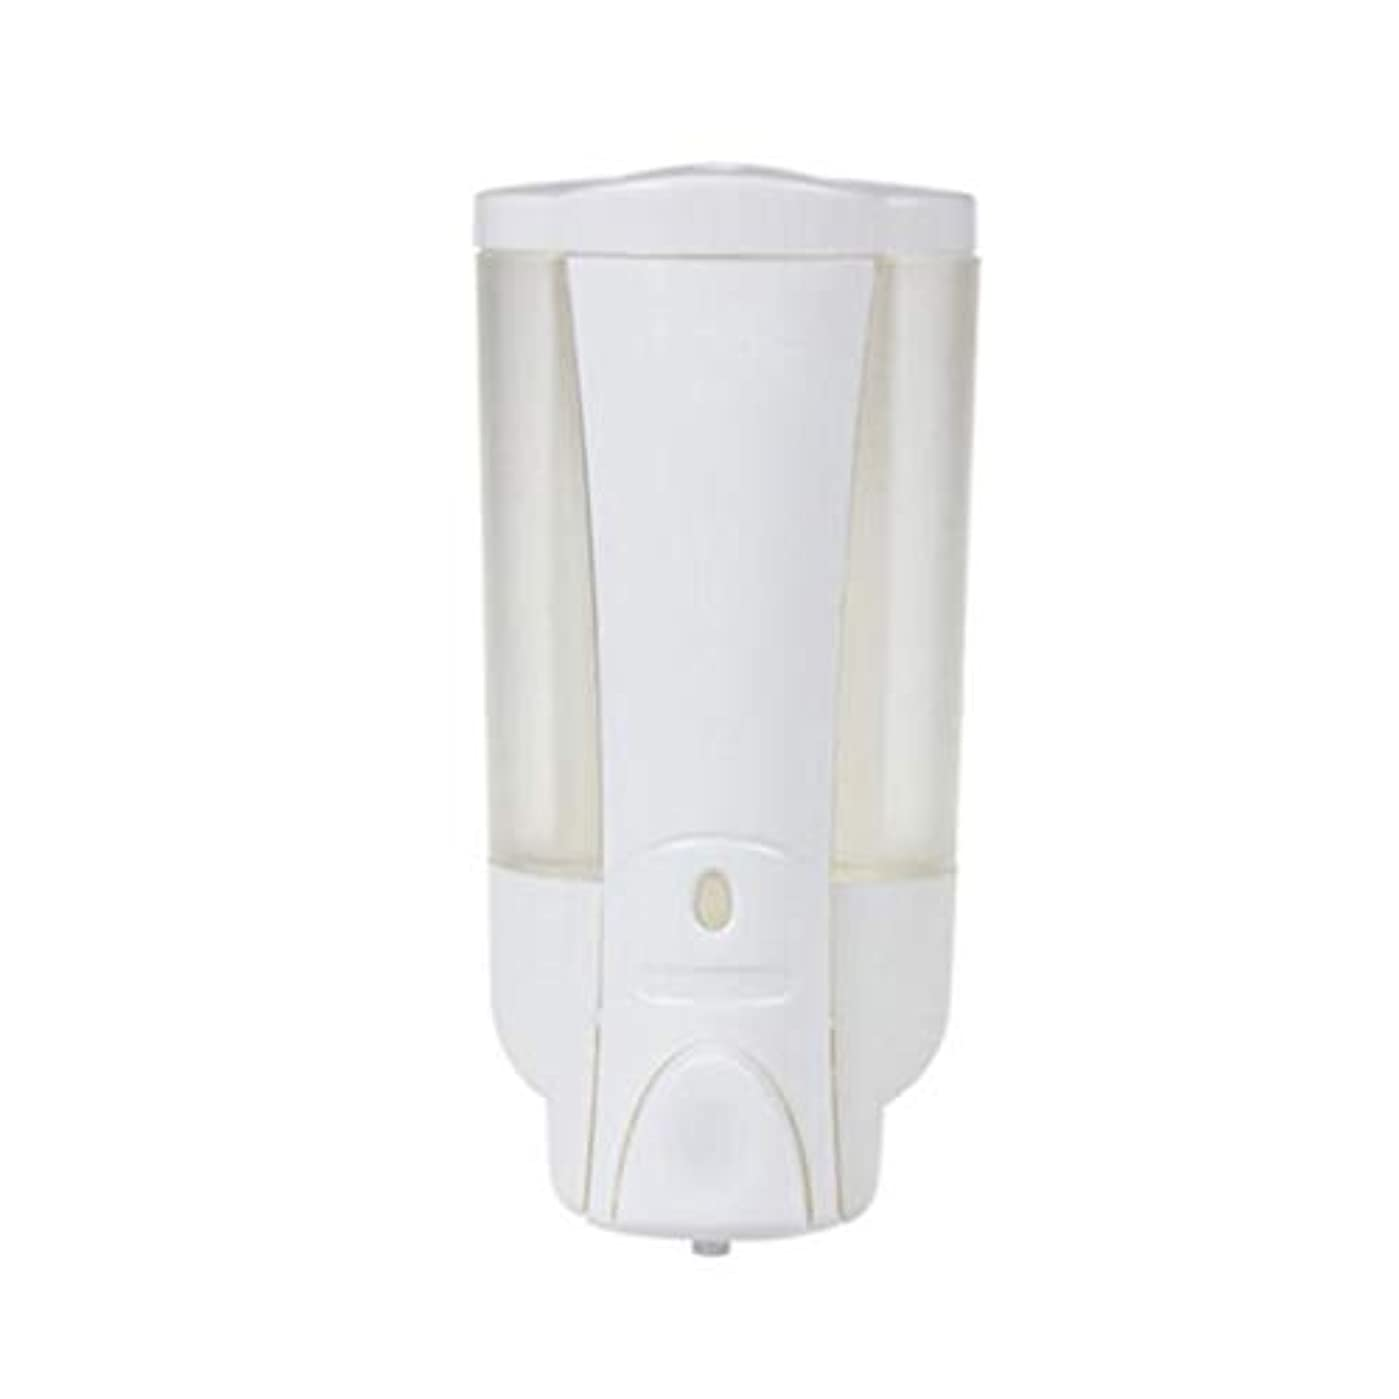 レッスン祖母老朽化したKylinssh 泡立つ石鹸ディスペンサー450ml容量、石鹸、DIY液体石鹸、皿石鹸、ボディウォッシュなどに使用するための空のプラスチック液体石鹸ポンプボトル